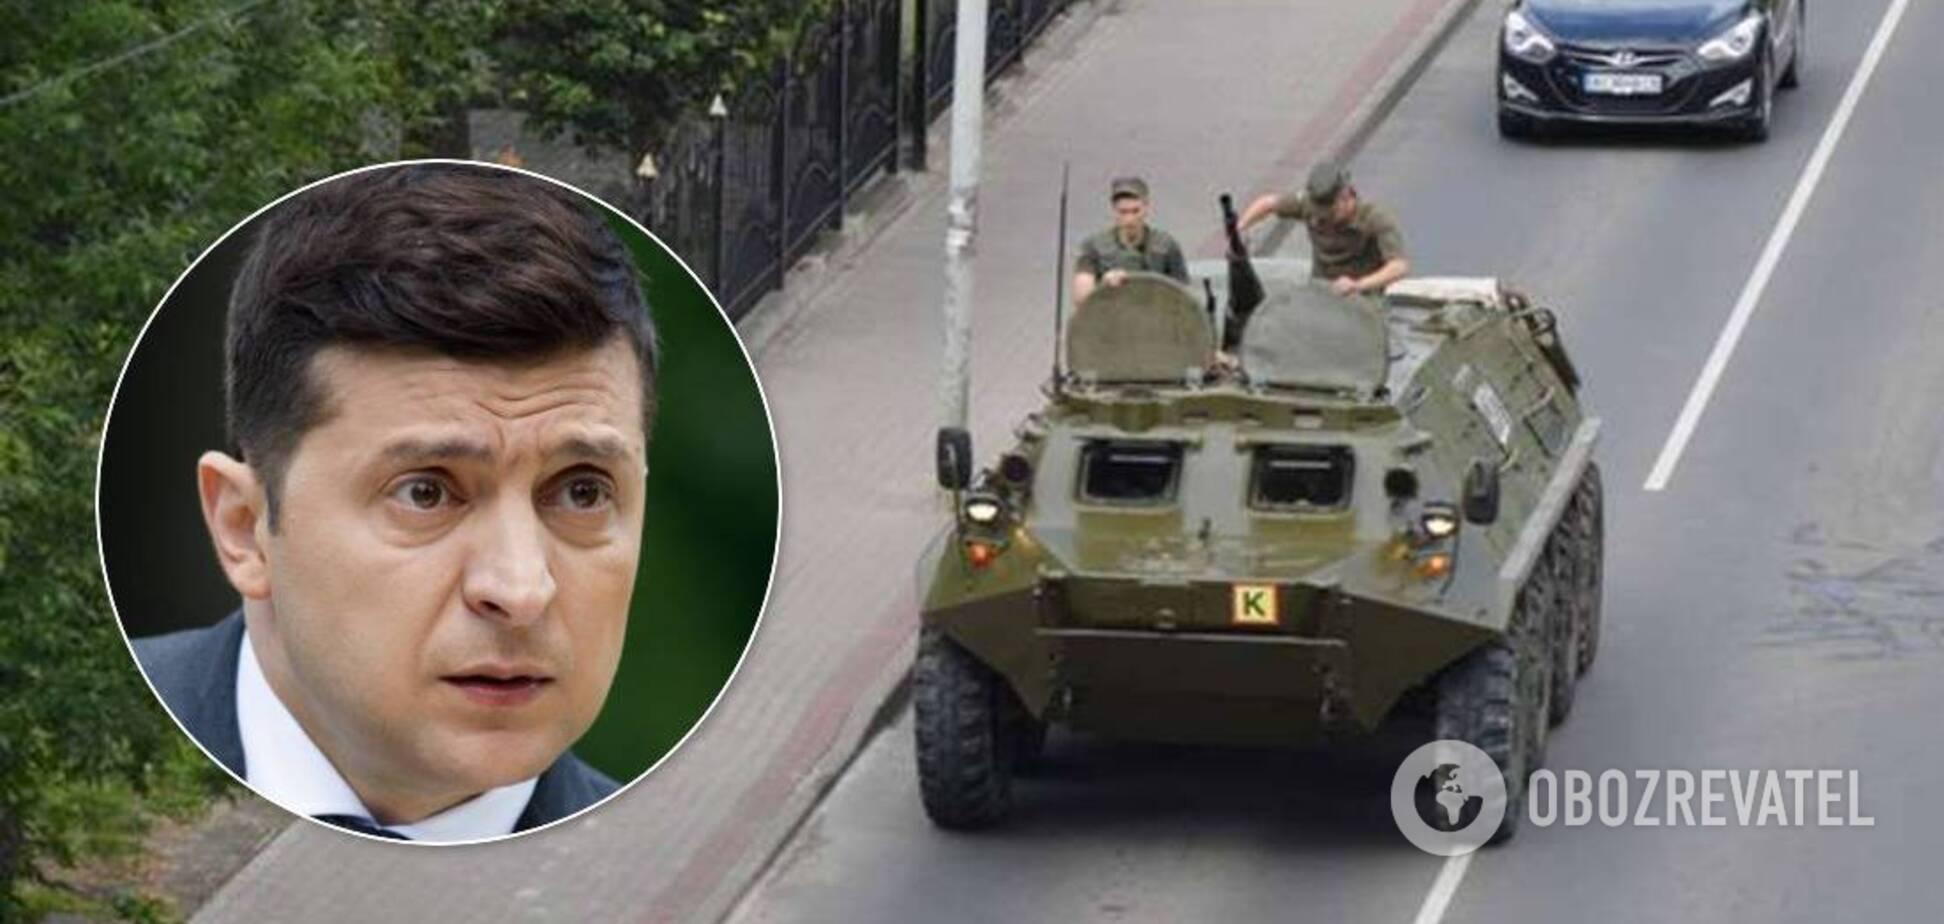 Зеленский прокомментировал захват заложников в Луцке: держу под личным контролем